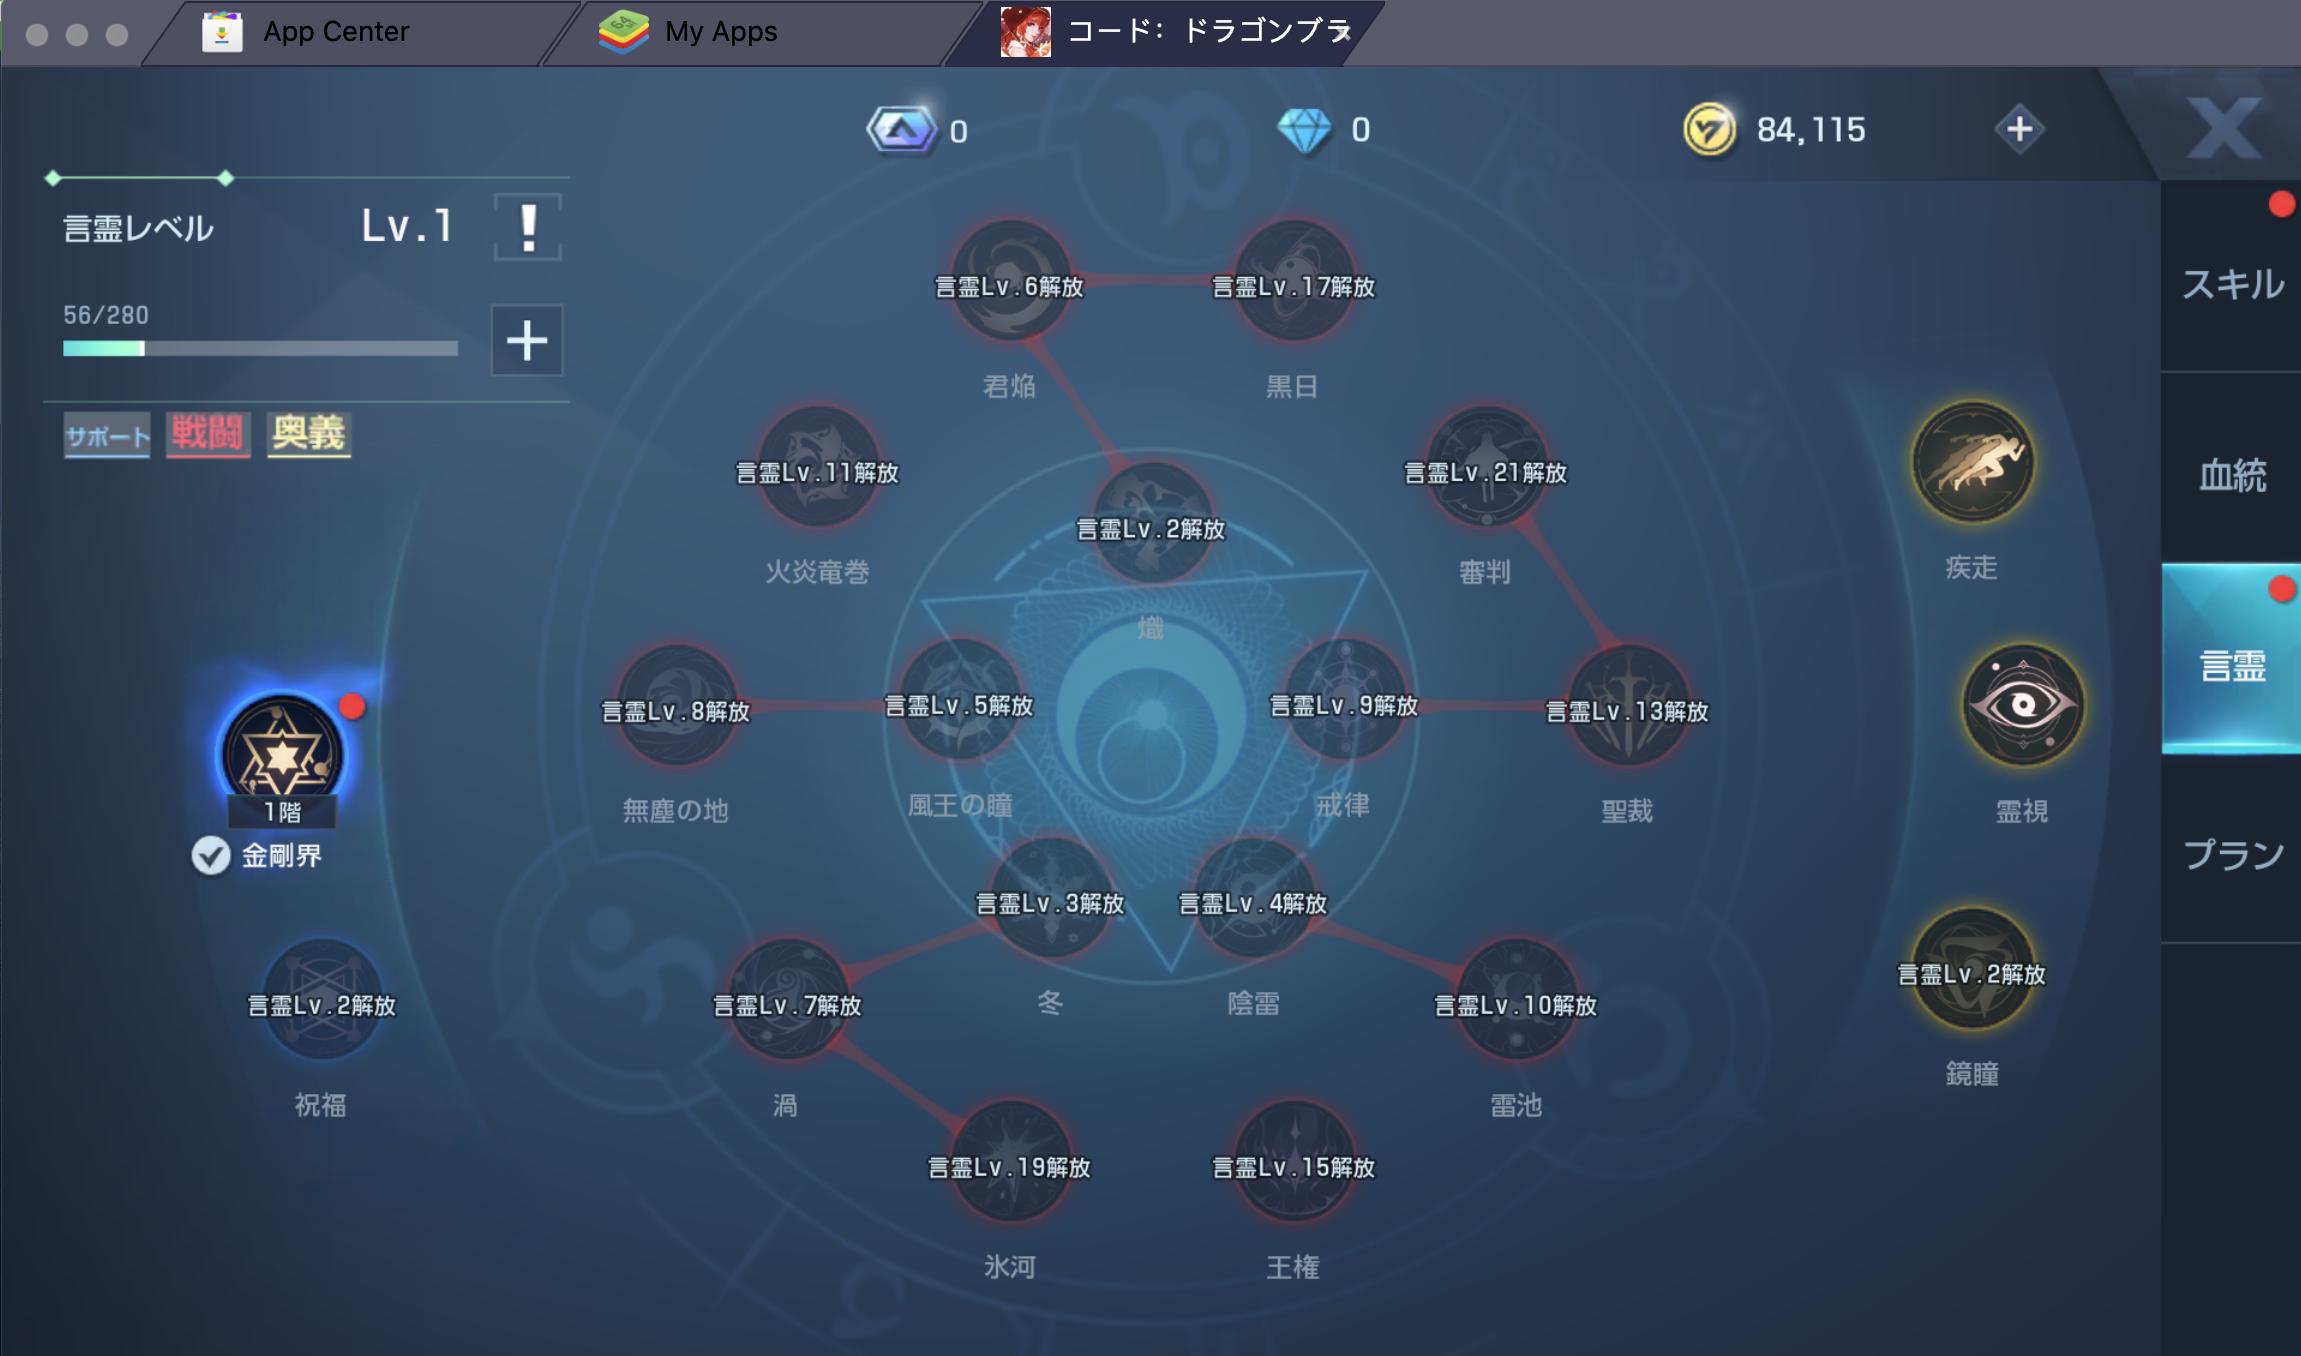 BlueStacksを使ってPC上で『コード:ドラゴンブラッド』を遊ぼう